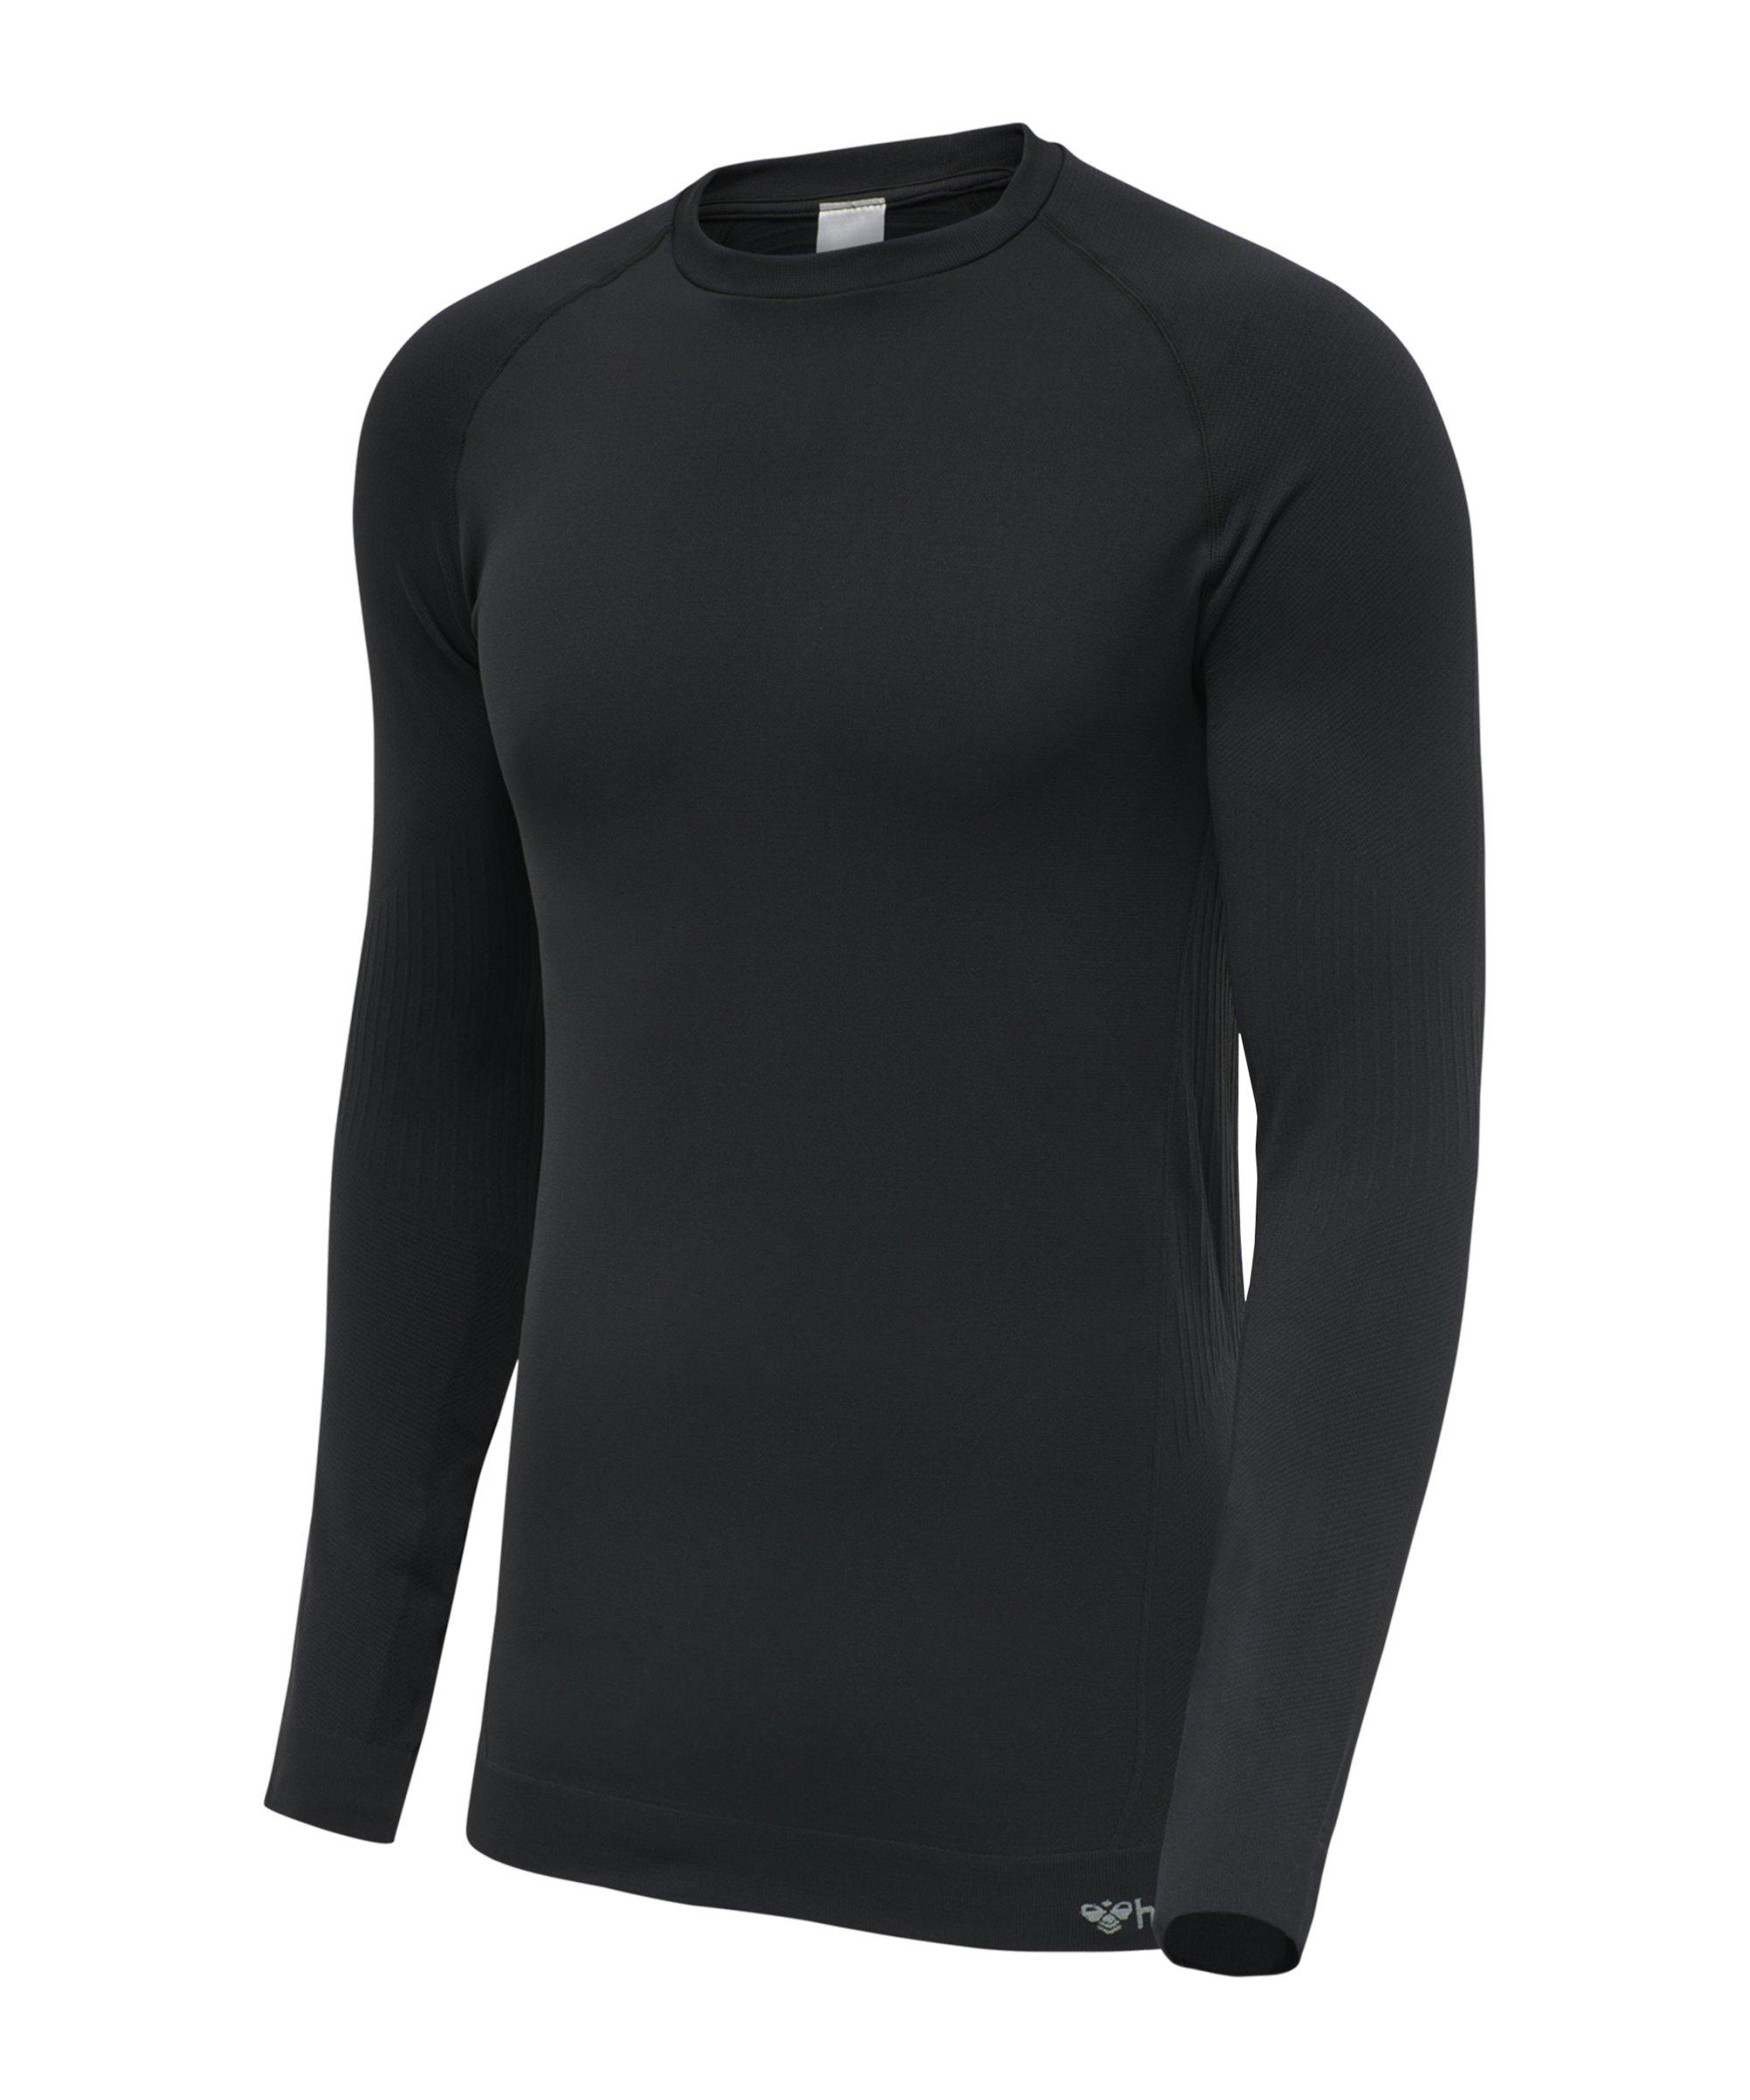 Hummel hmlstroke Seamless Sweatshirt Schwarz F2001 - schwarz